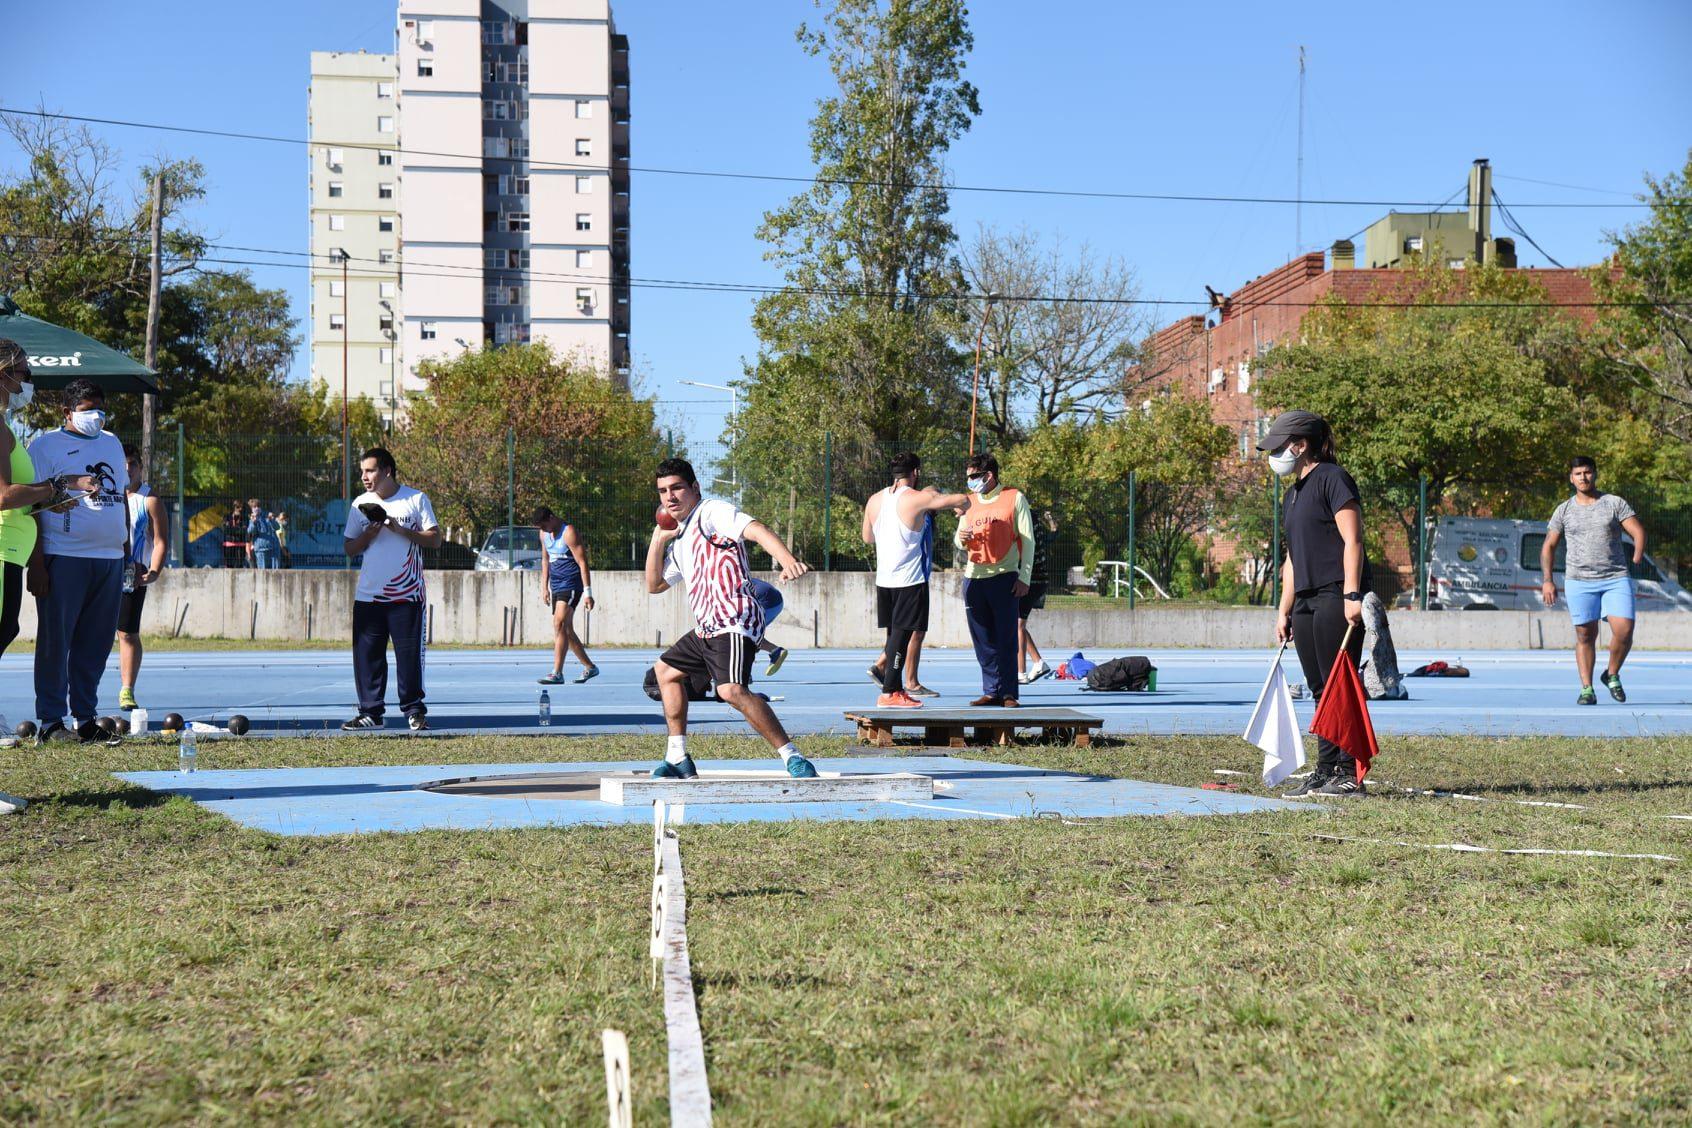 ATLETISMO PARALÍMPICO: TODOS LOS RESULTADOS DEL OPEN INTERNACIONAL DE CONCEPCIÓN DEL URUGUAY